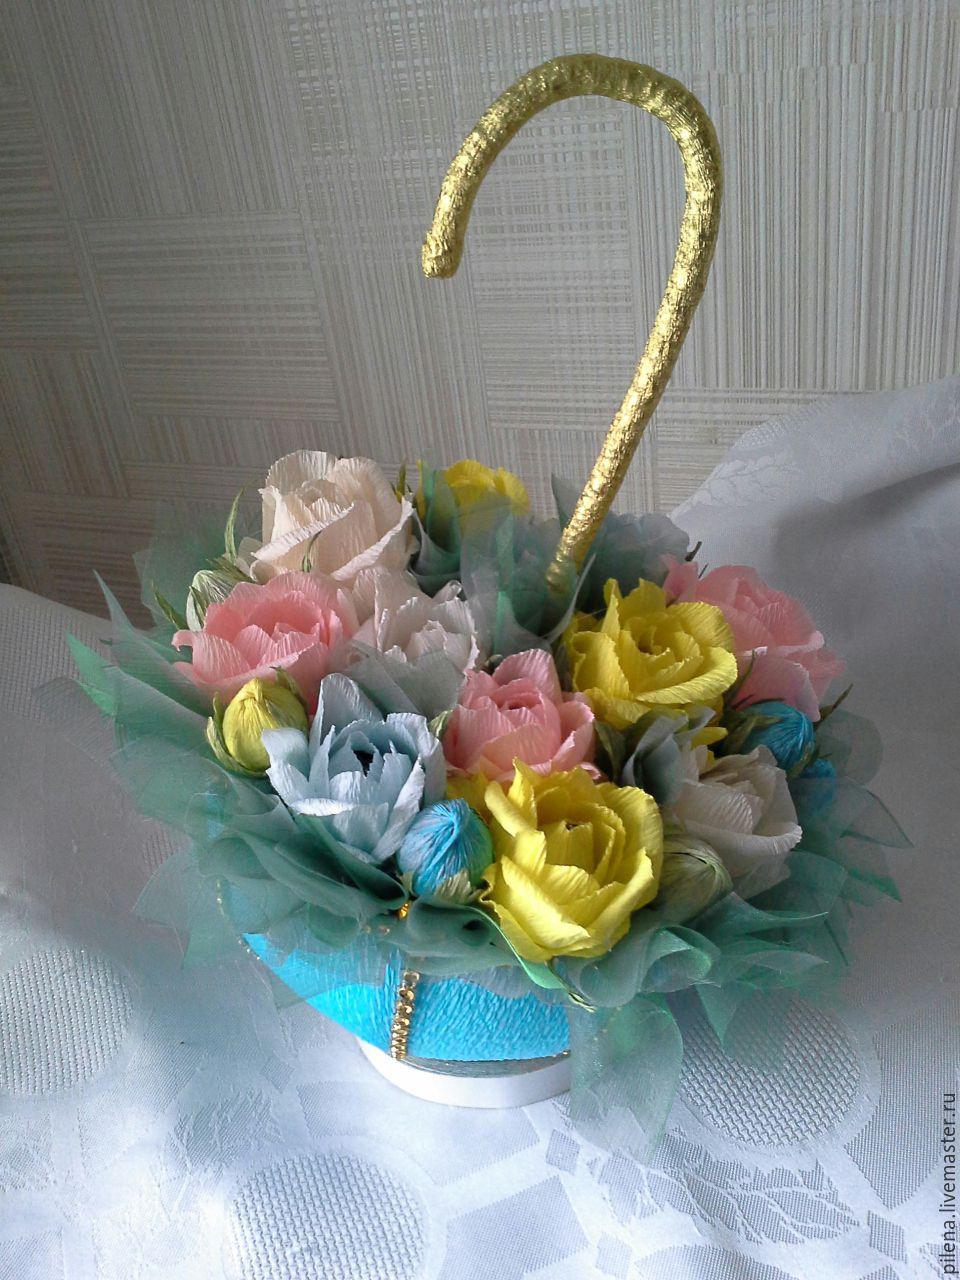 Ухтыбокс создает необычные подарки на день рождения 29